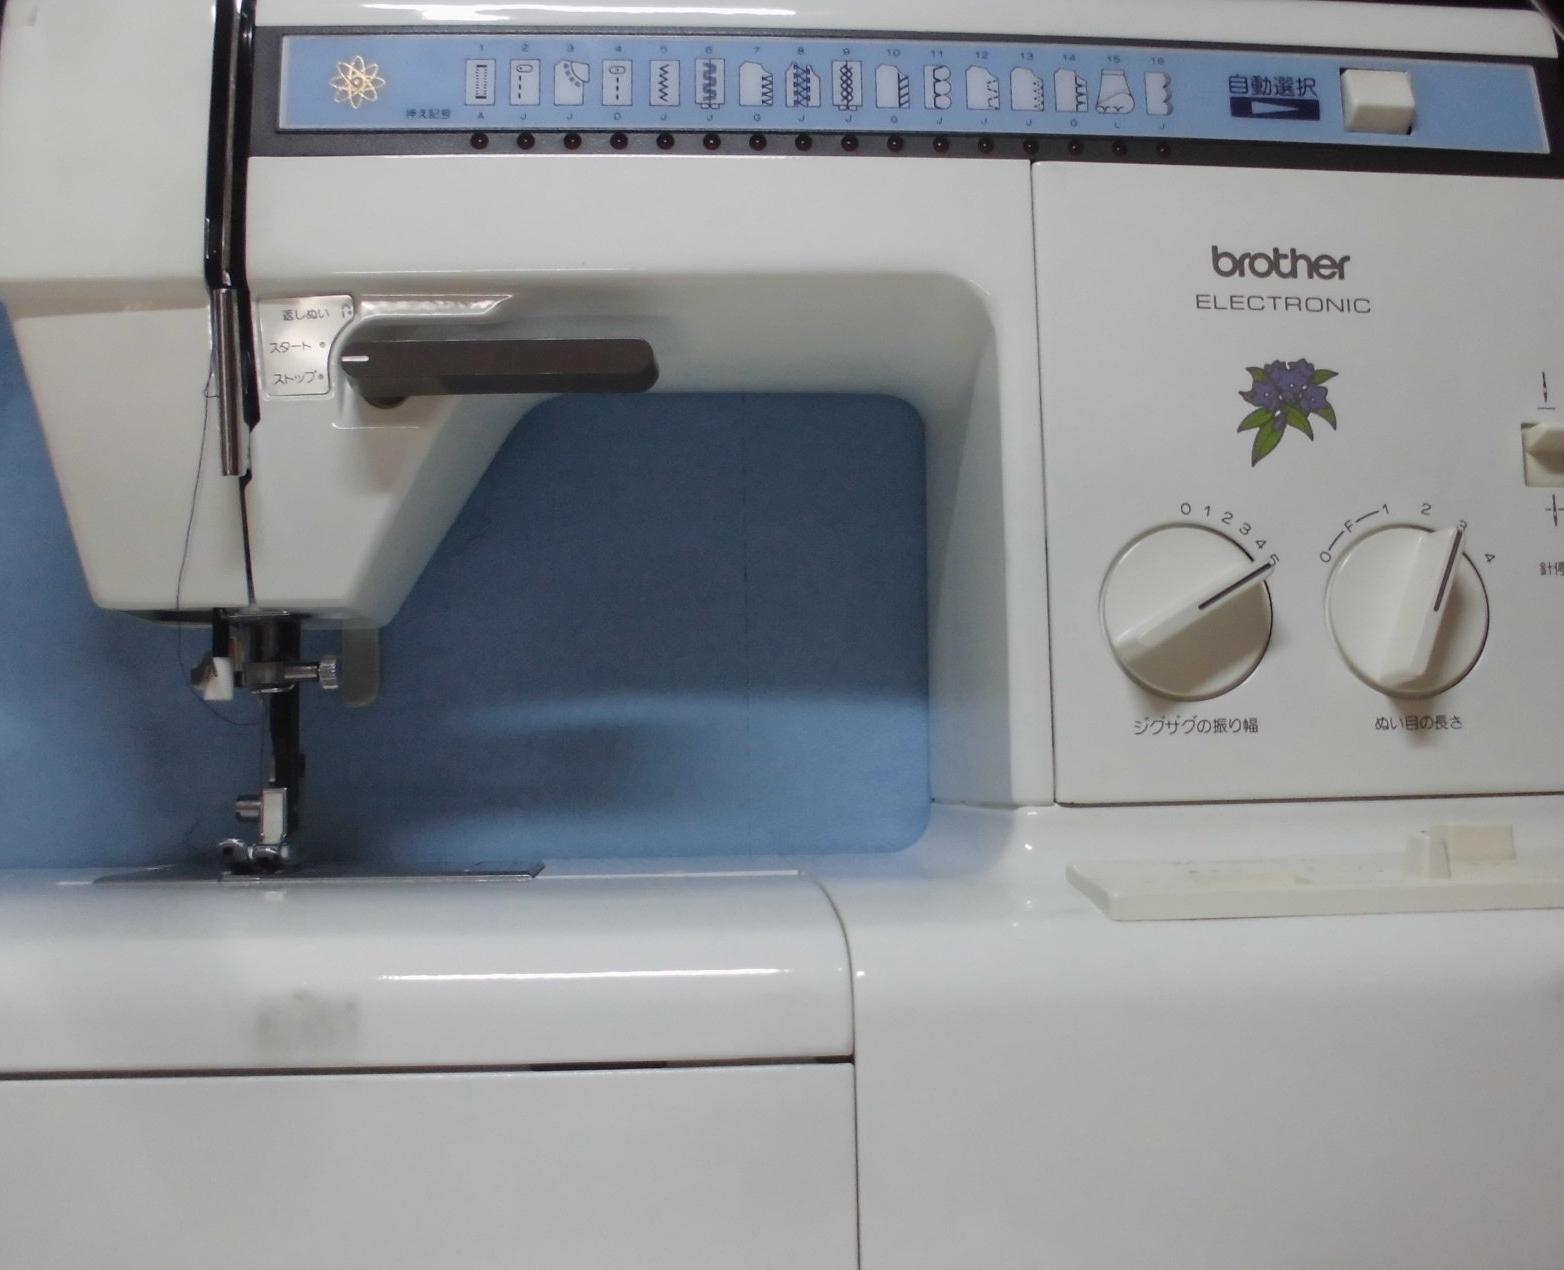 ブラザーミシン修理|ZZ3-B772|糸調子不良、糸が絡む、綺麗に縫えない